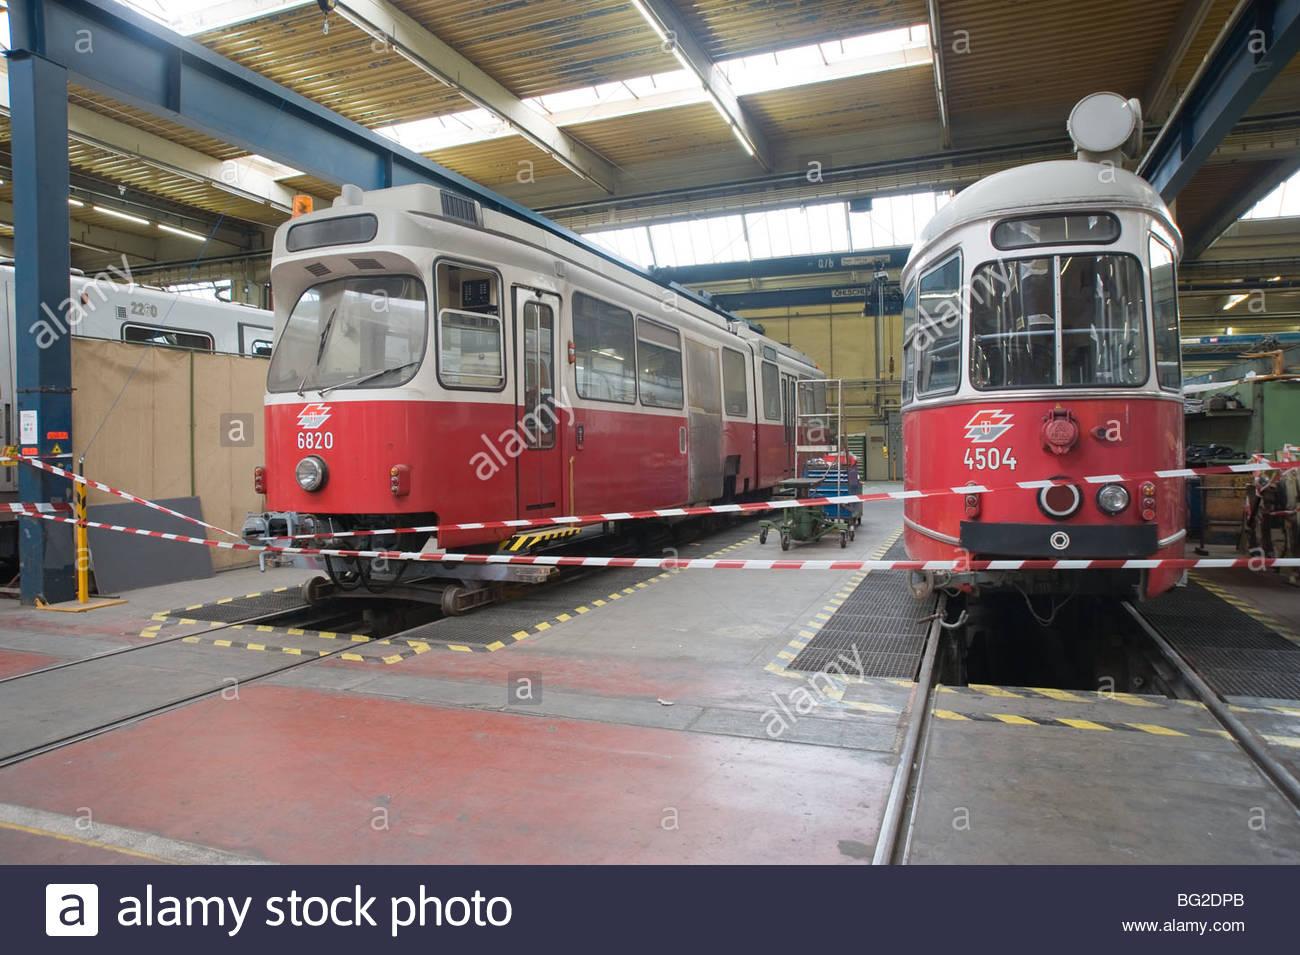 Wien, Hauptwerkstätte der Wiener Linien - Vienna, Main Workshop of Vienna Transport Authorities - Stock Image